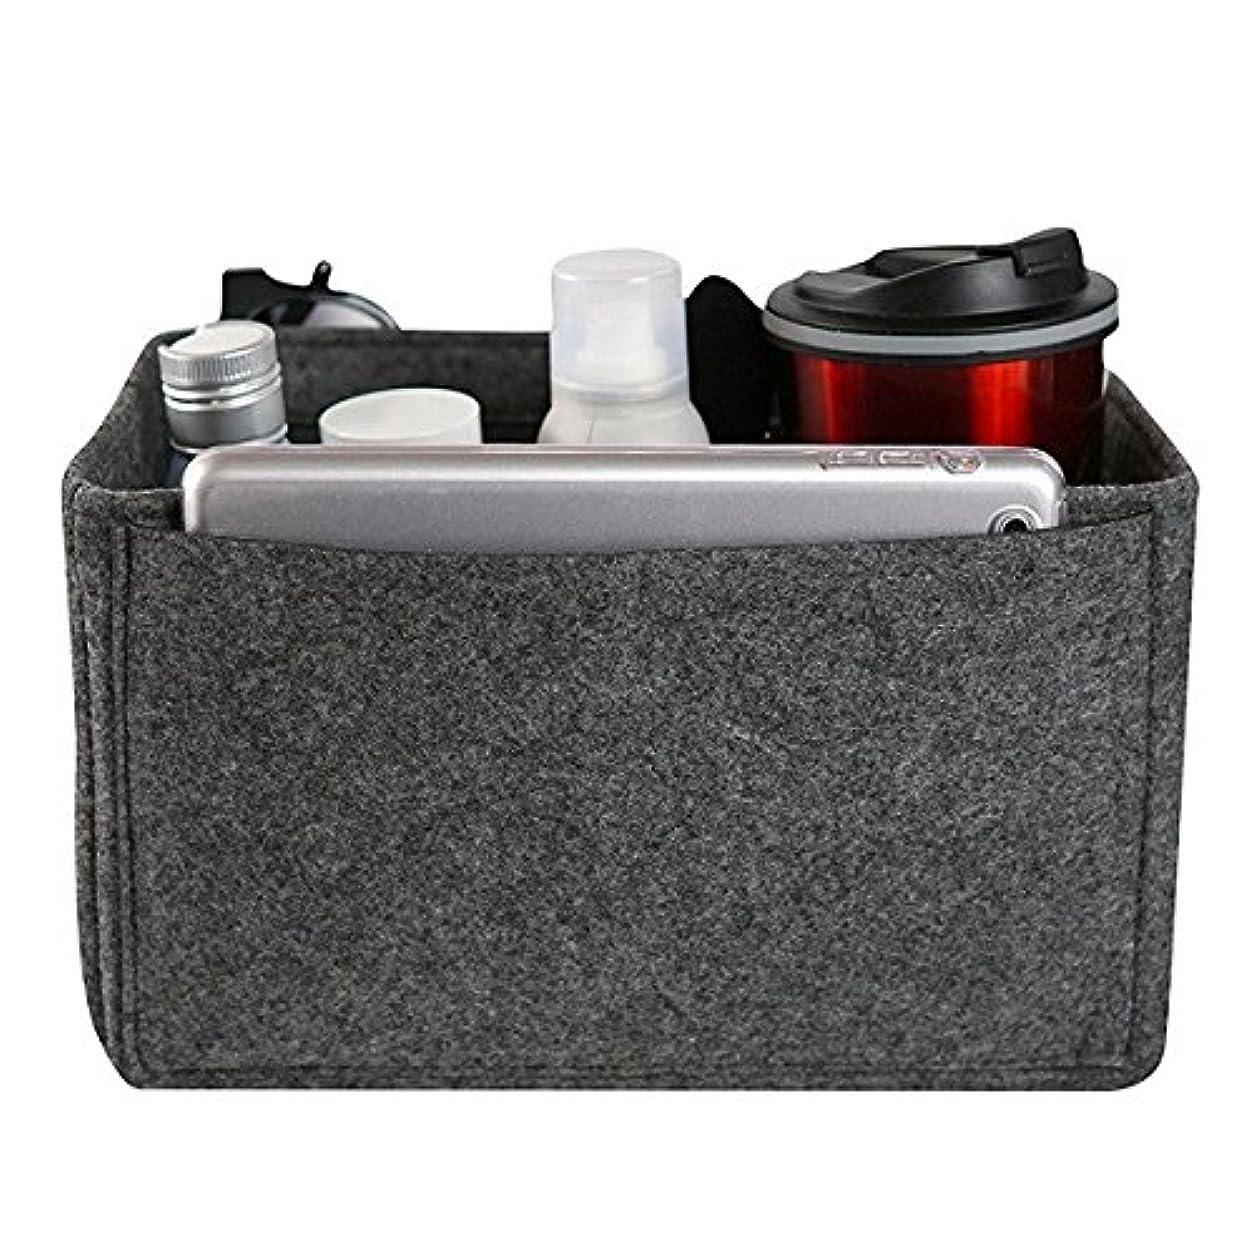 接尾辞空虚平凡YZUEYT フェルトインサートバッグマルチポケット化粧品ハンドバッグ財布オーガナイザーホルダーメイクアップトラベルジッパー YZUEYT (Color : Color dark gray, Size : XL)